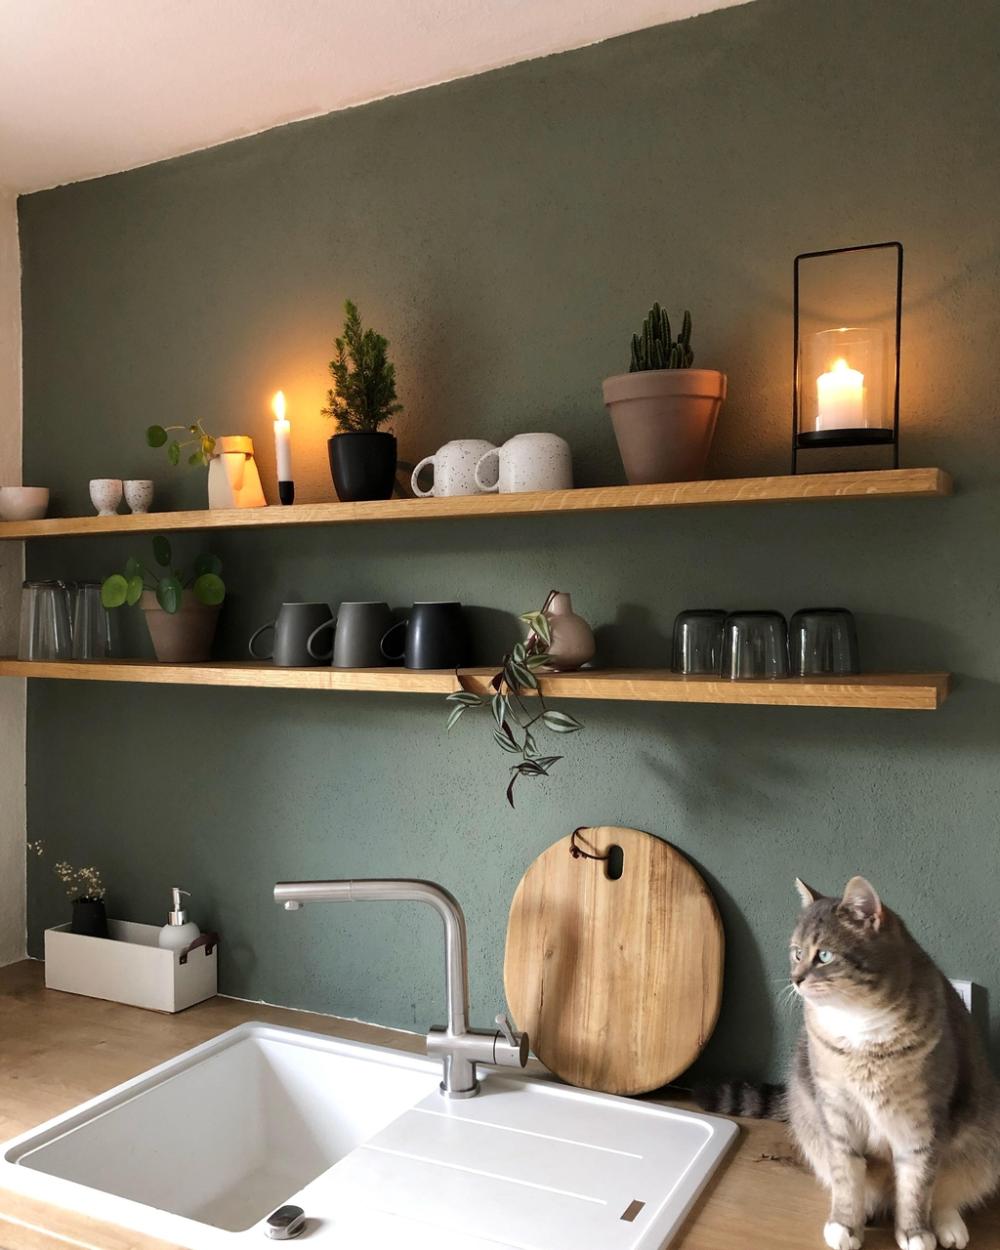 Photo of Fotos de la cocina: ¡cómo planificar la cocina de tus sueños! – Mi blog